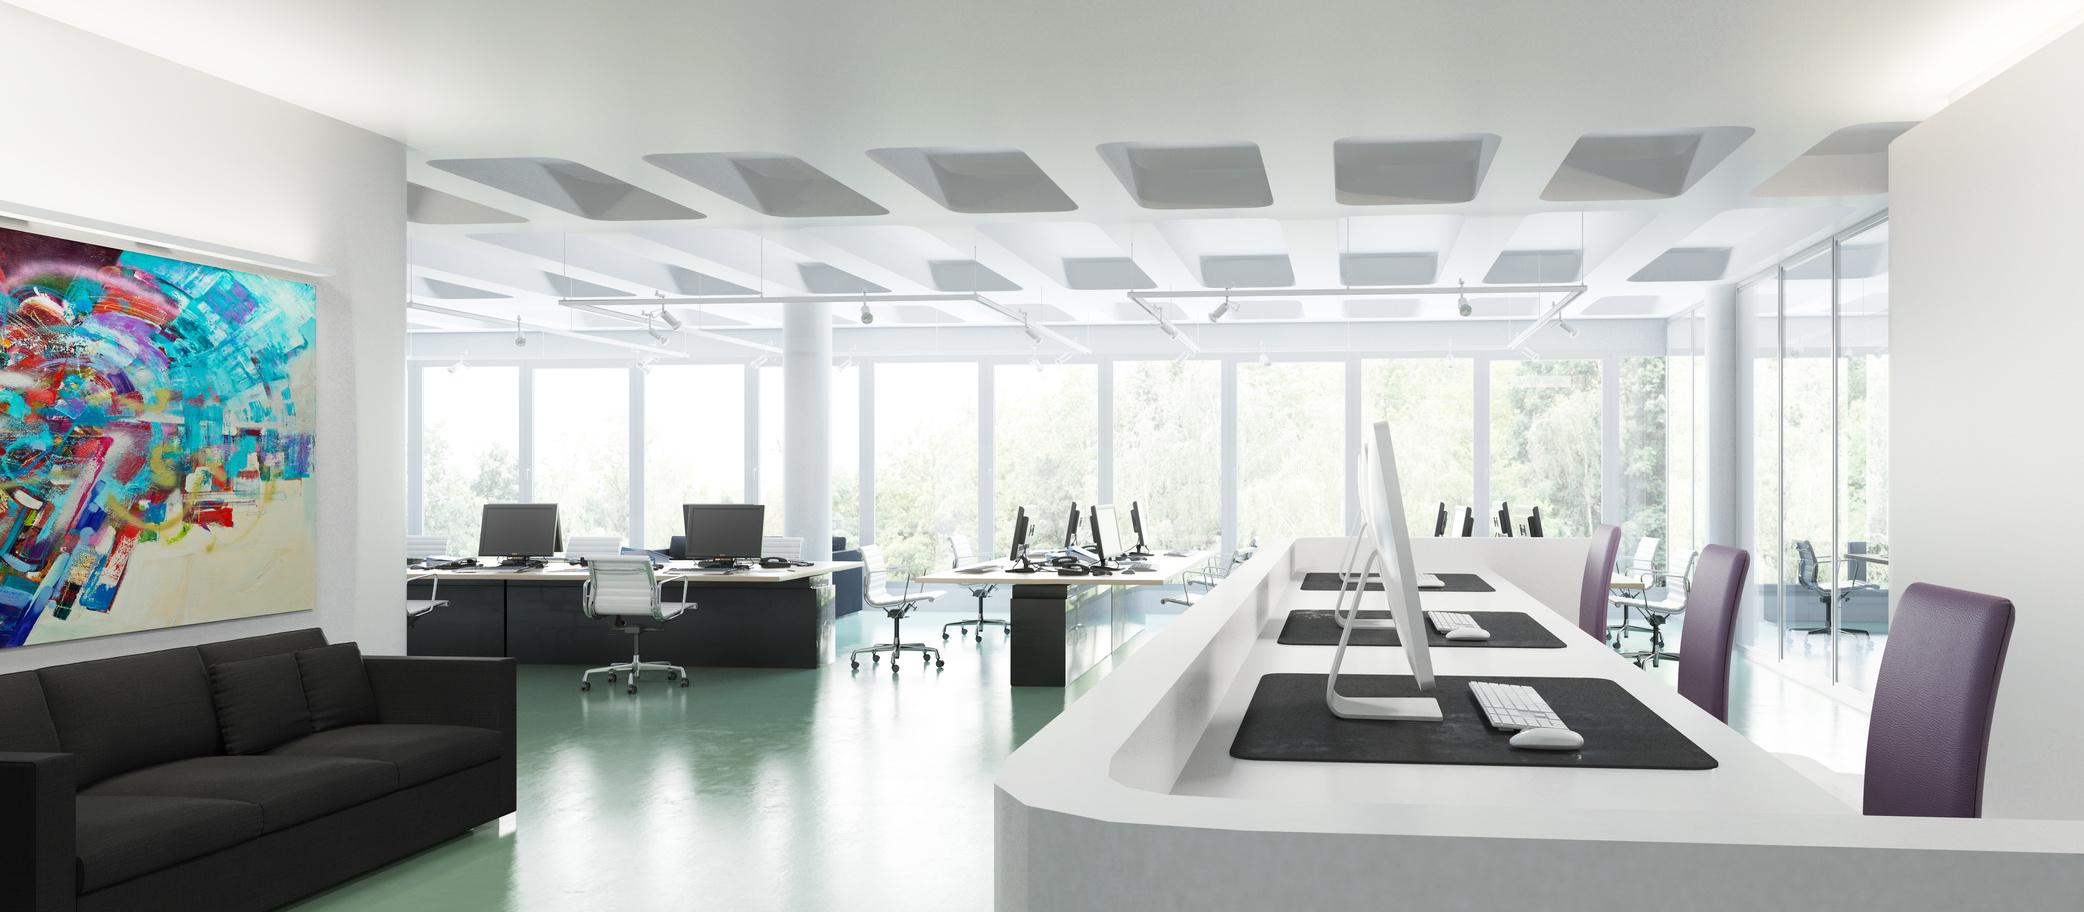 Büromöbel-Leasing als Alternative zum Sofortkauf - PT-Magazin